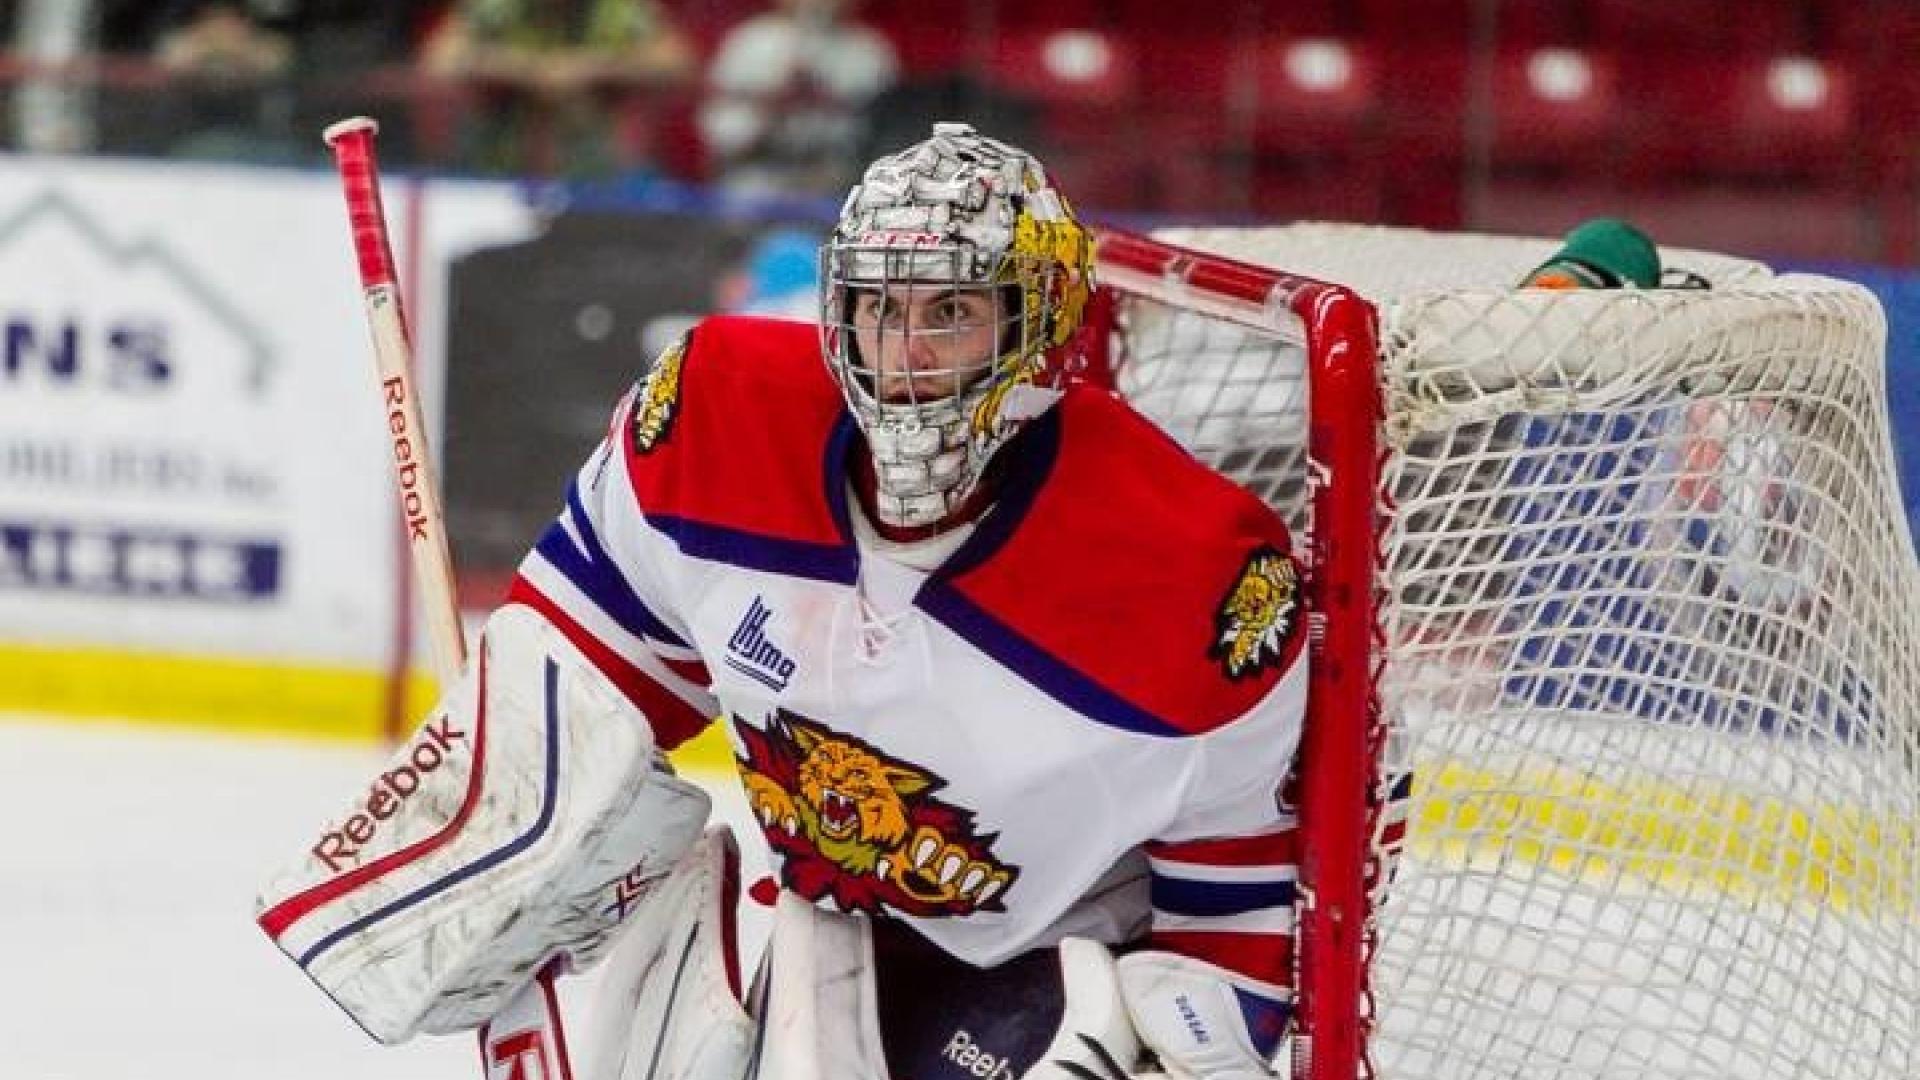 Alex Dubeau avec les Wildcats de Moncton!